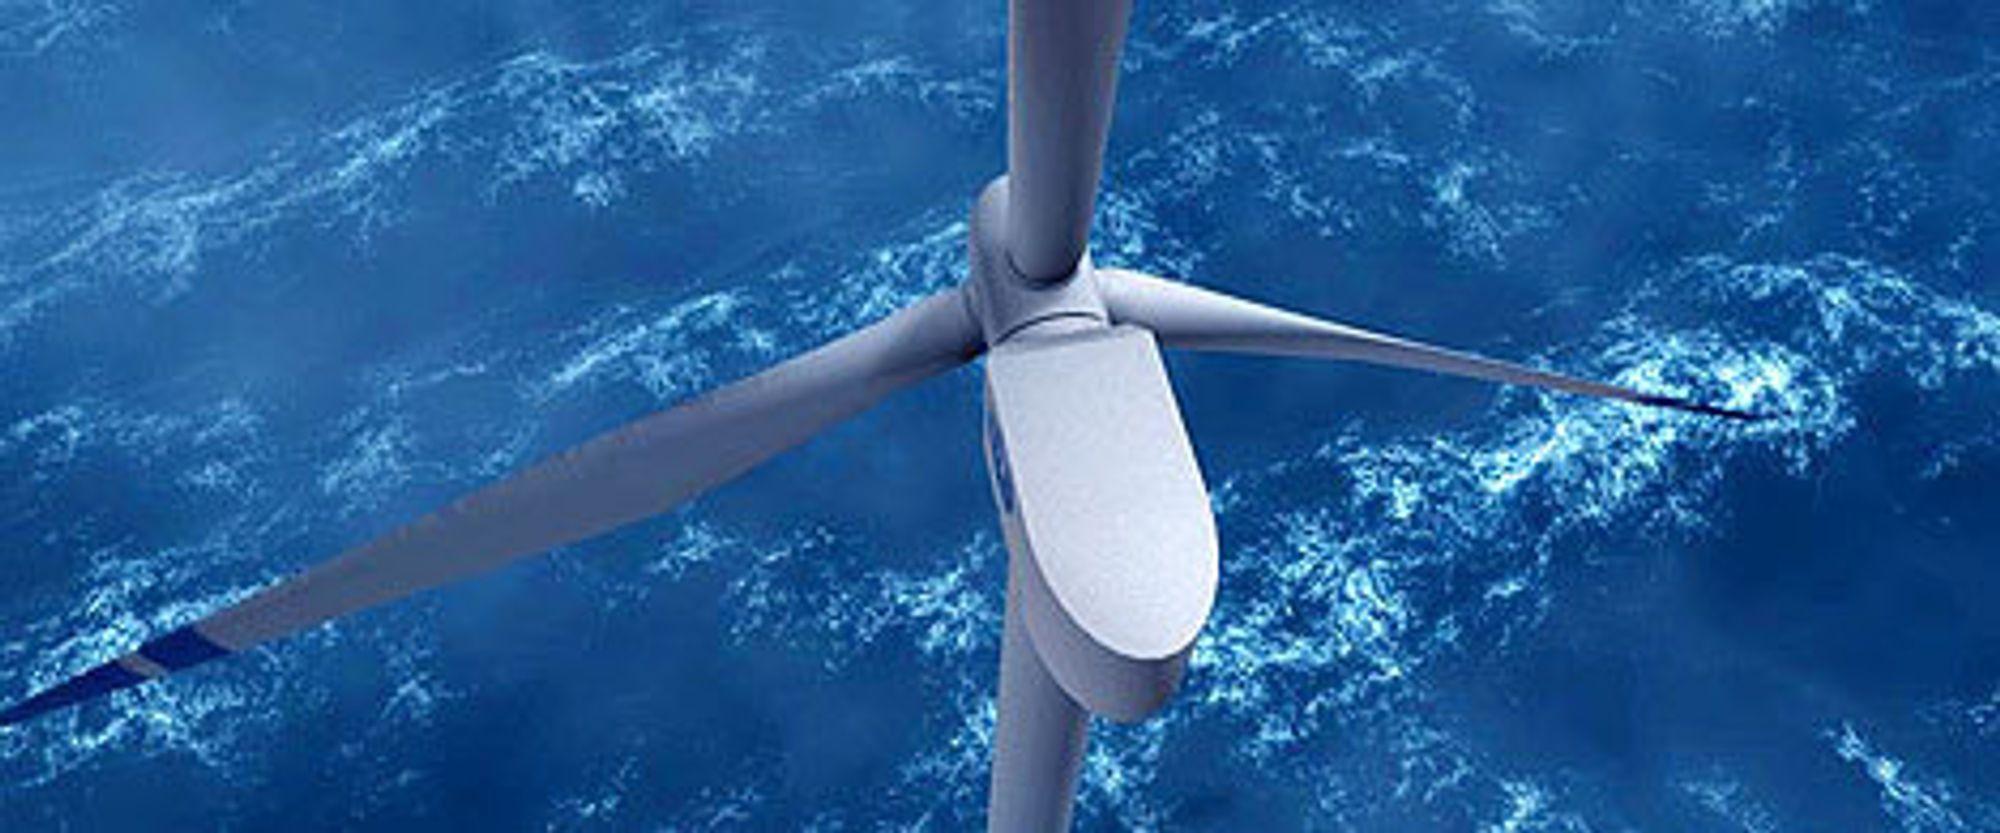 Nå kommer første vindturbin til havs